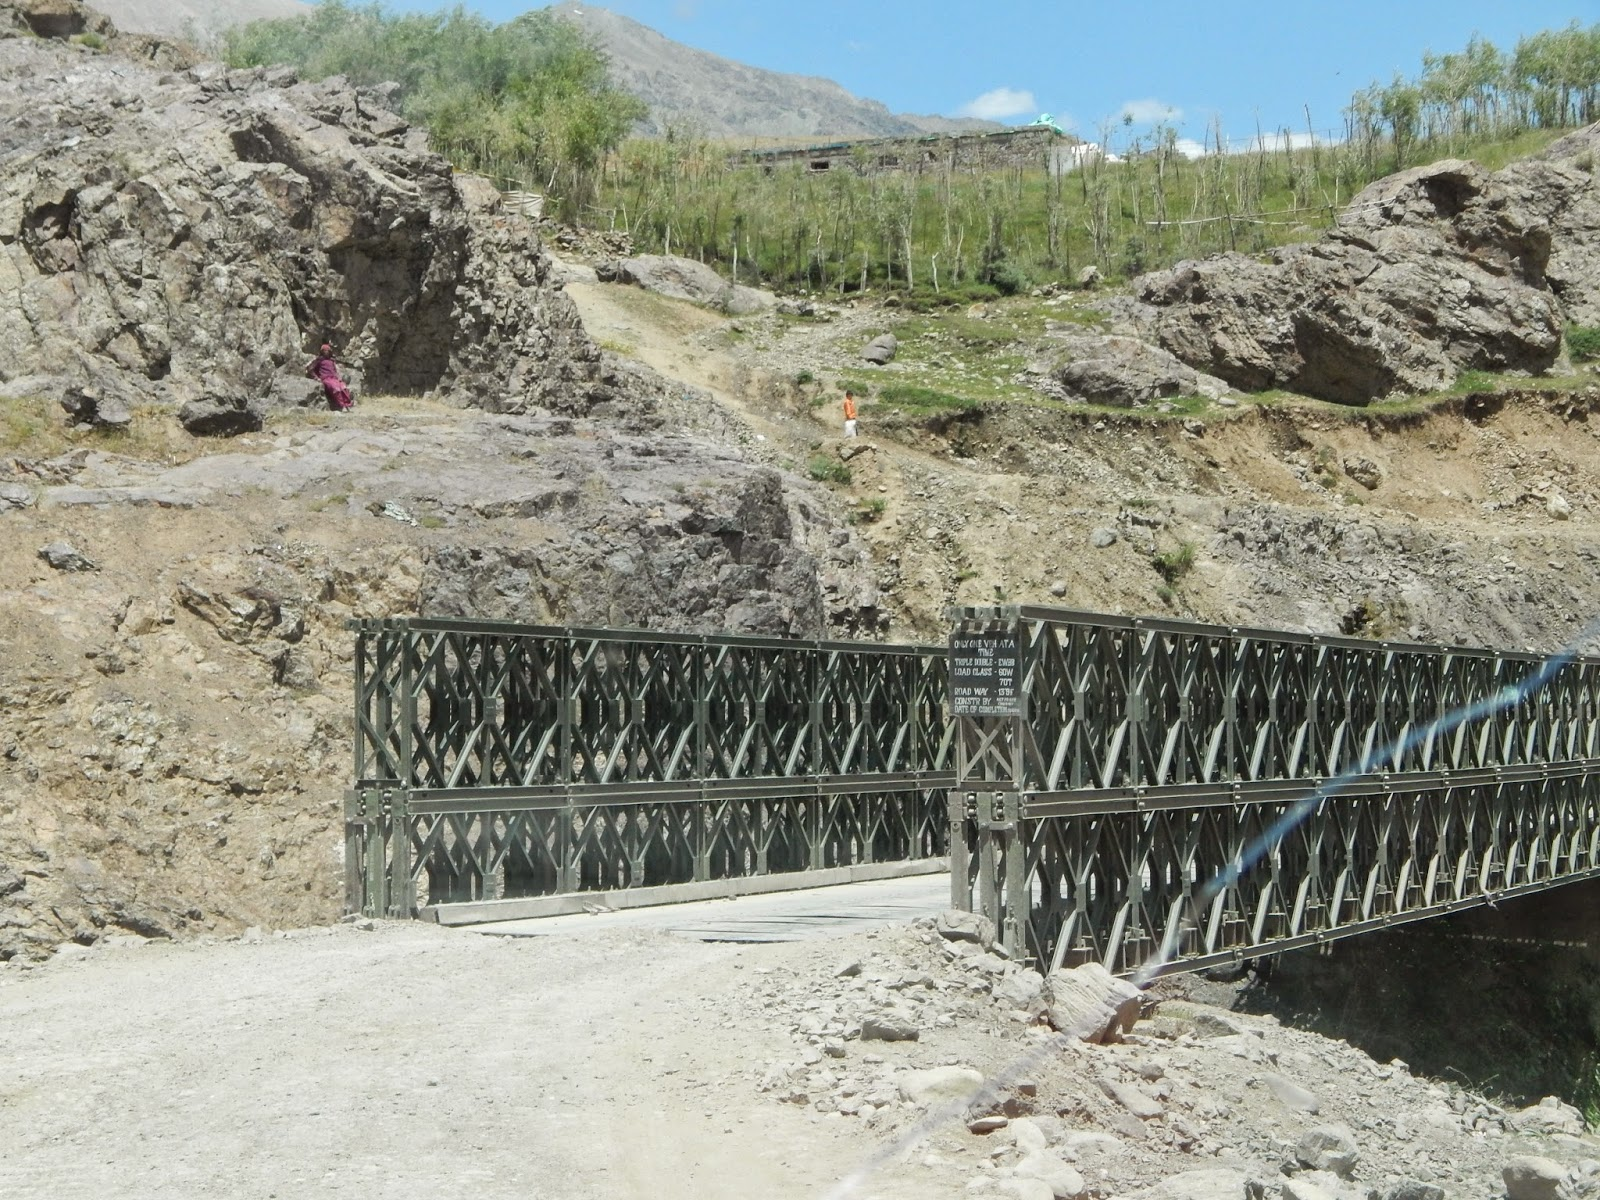 TRAVEL SPOTS INDIA: Kargil War Memorial